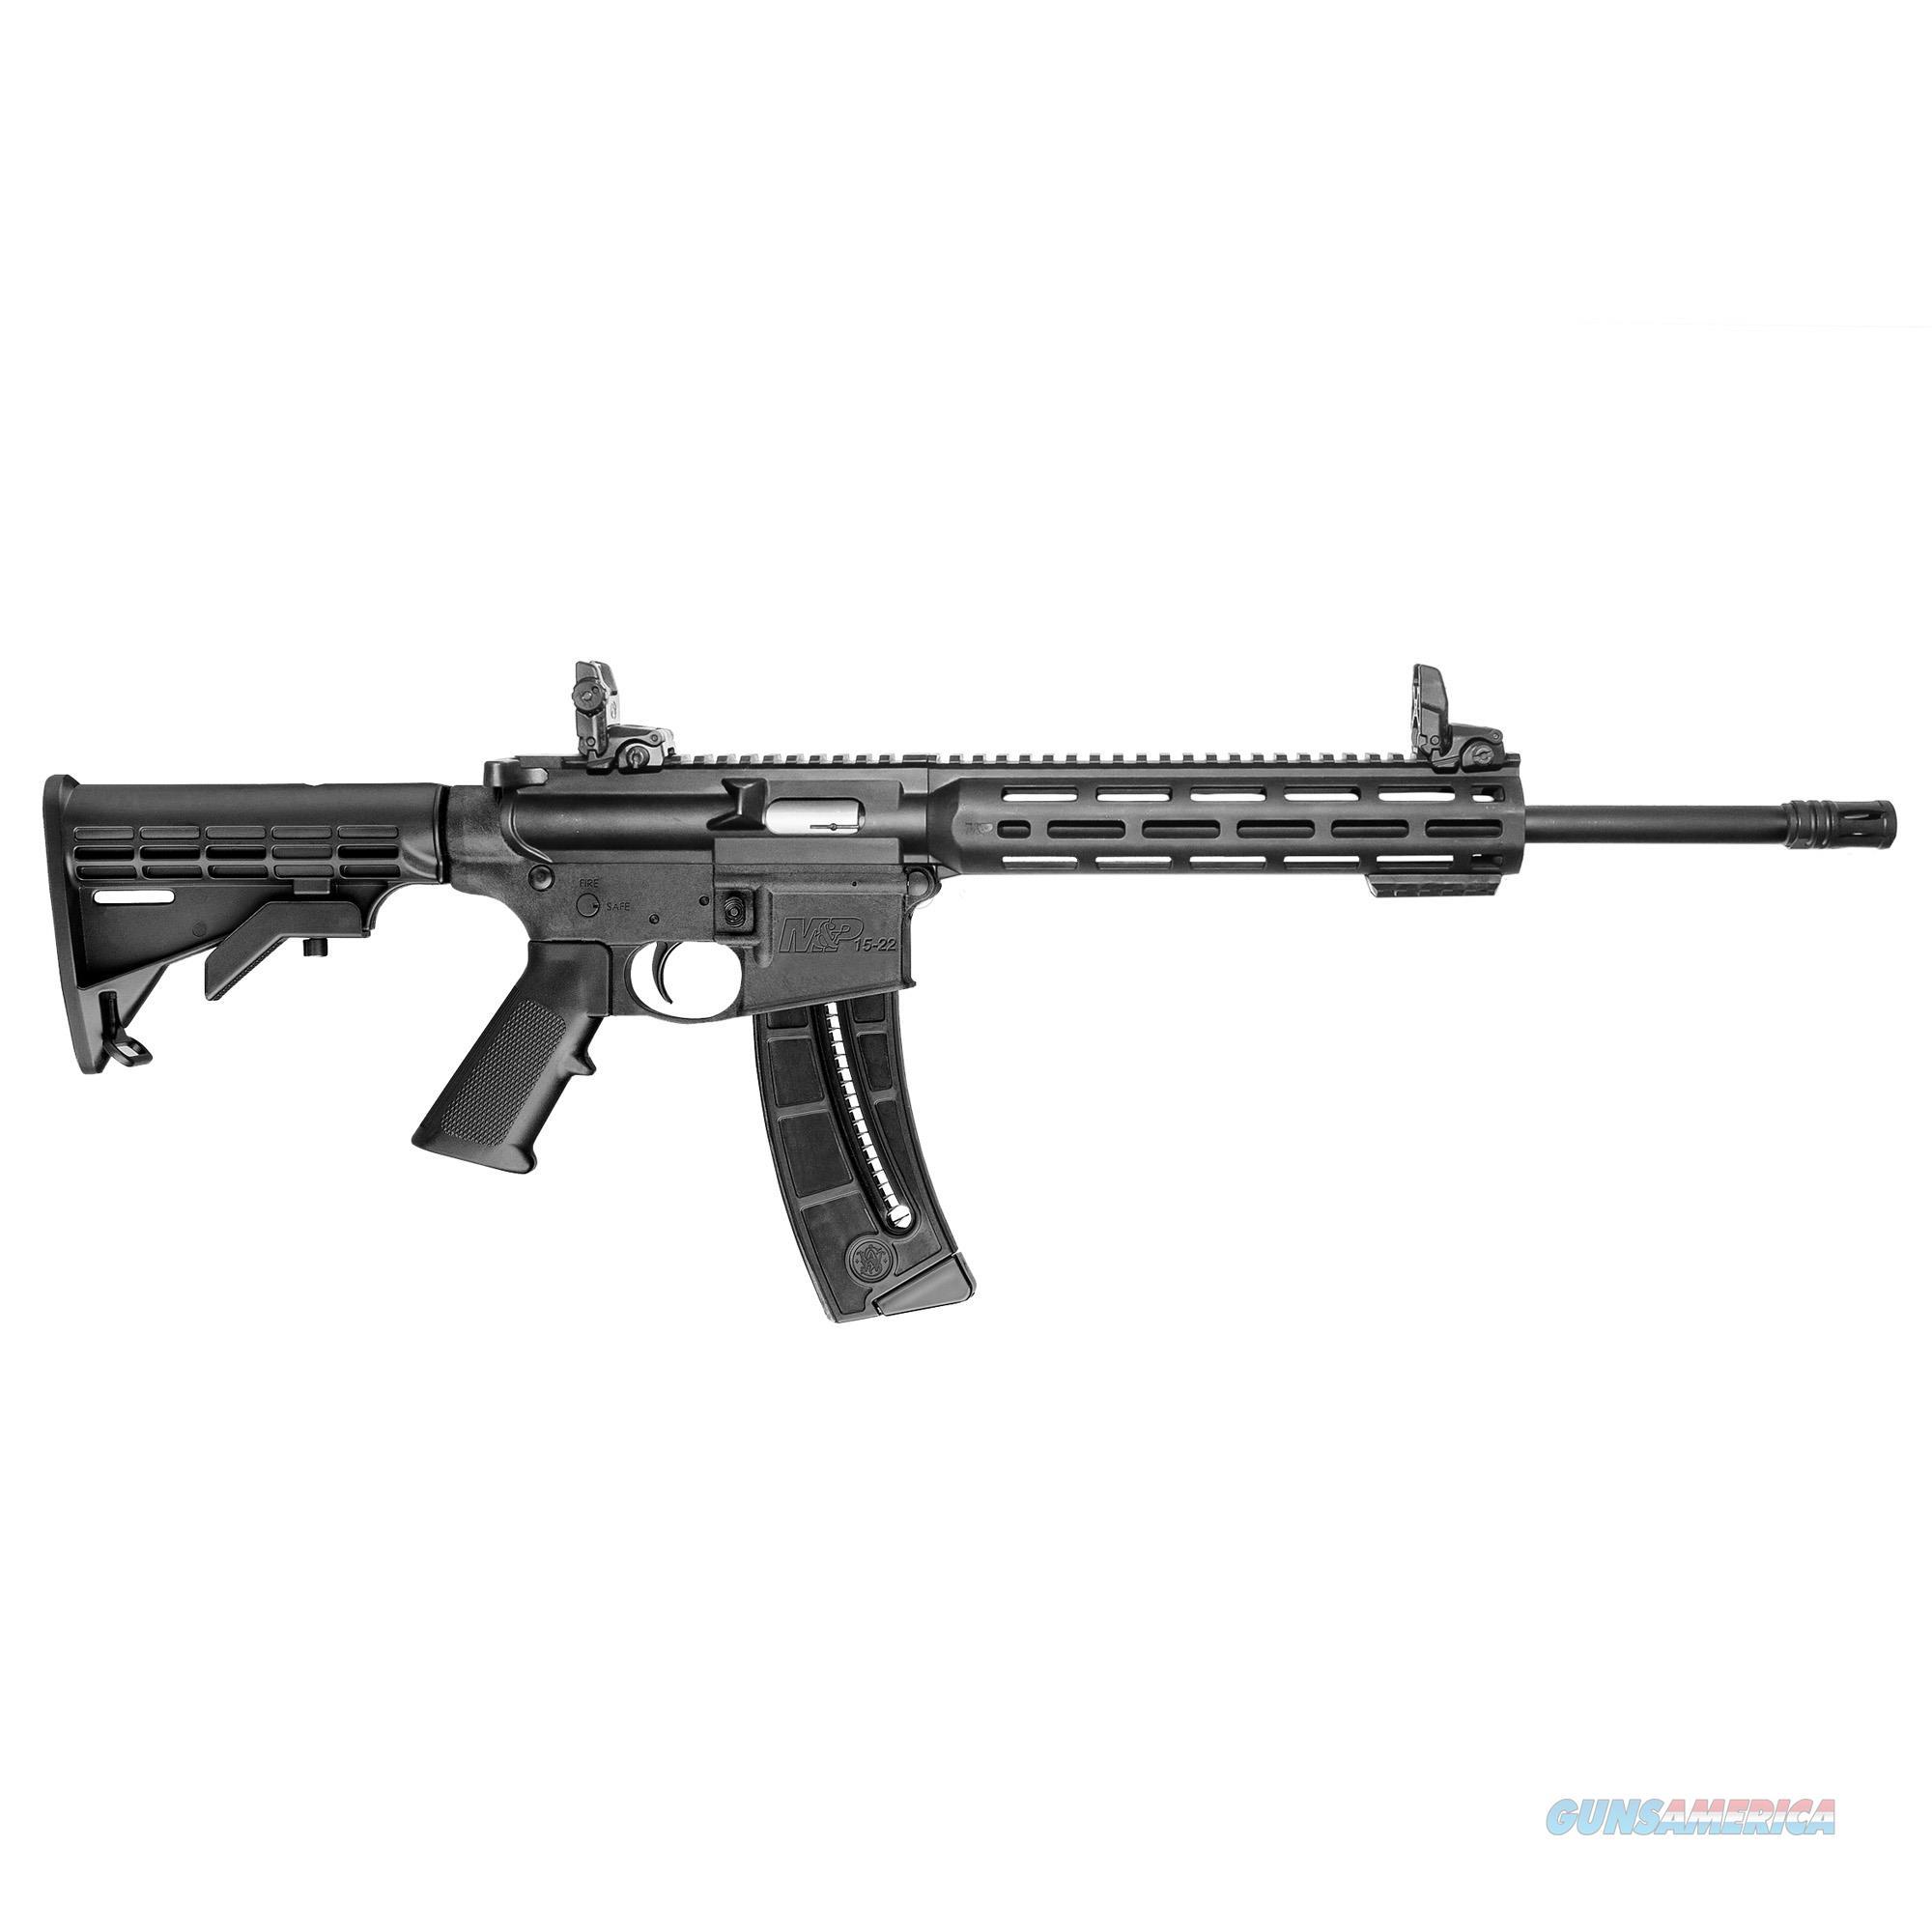 NIB Smith & Wesson M&P15-22 M-LOK  Guns > Rifles > Smith & Wesson Rifles > M&P